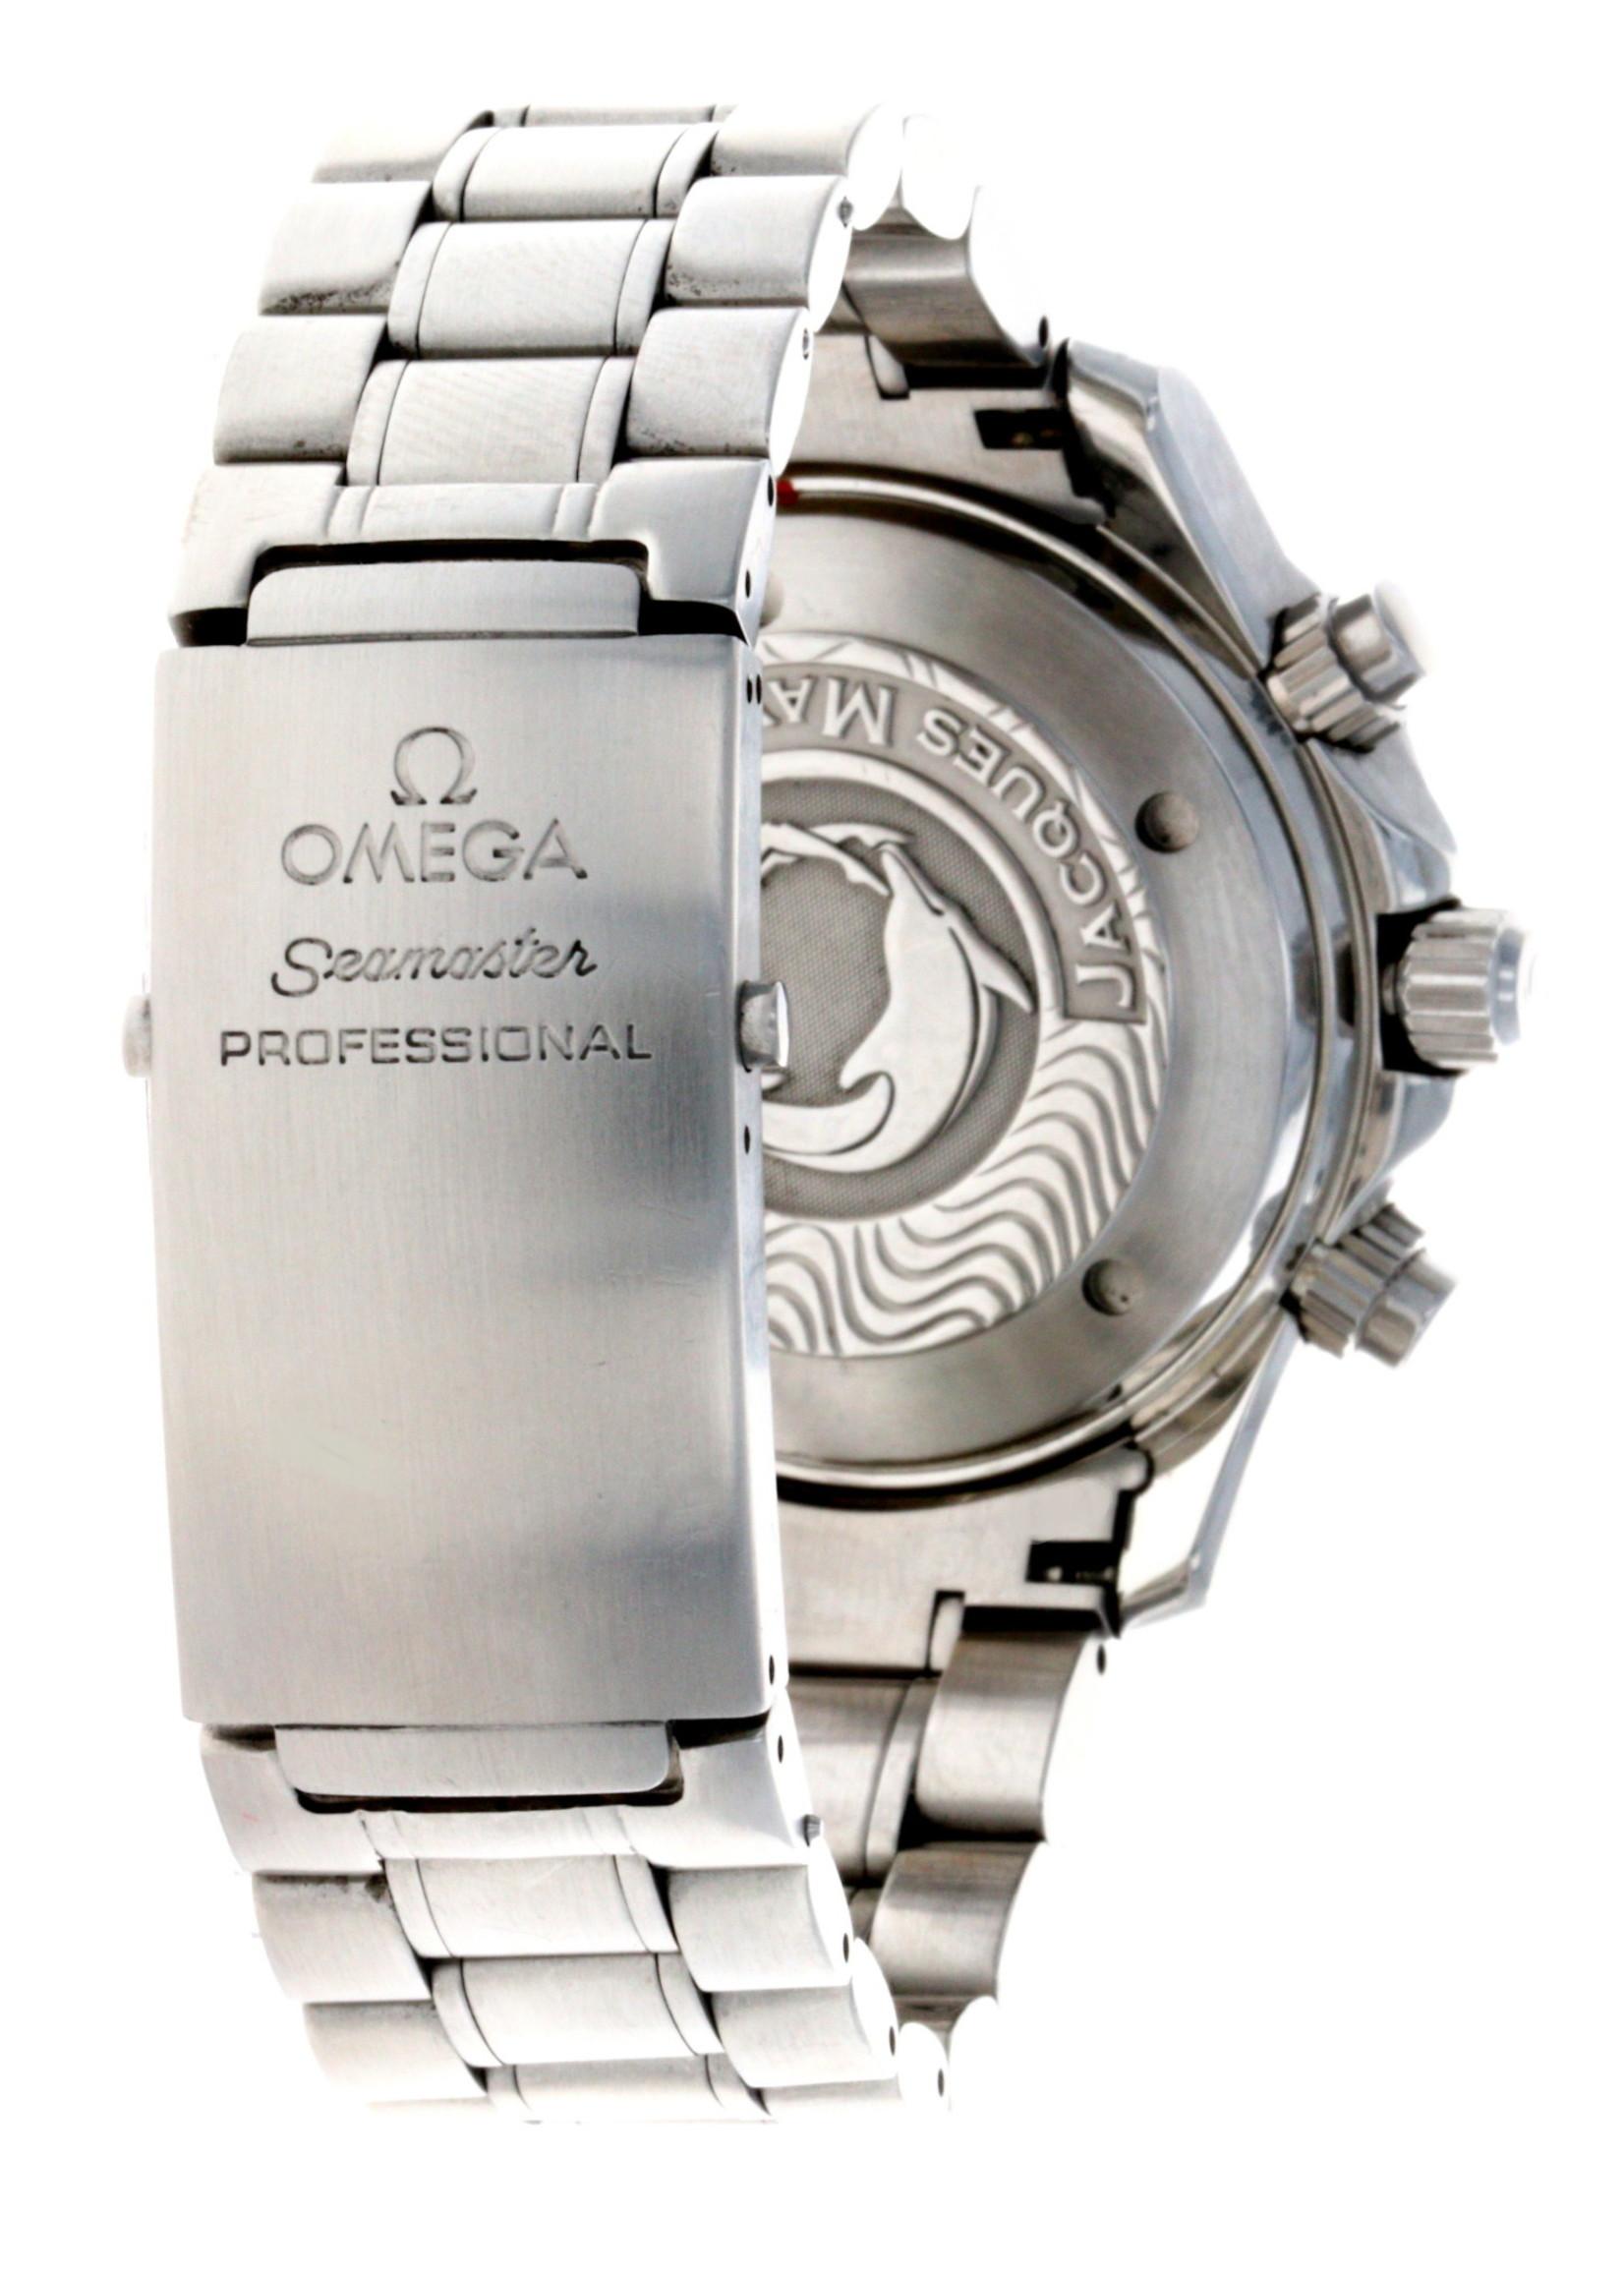 Omega Omega Seamaster Professional Apnea